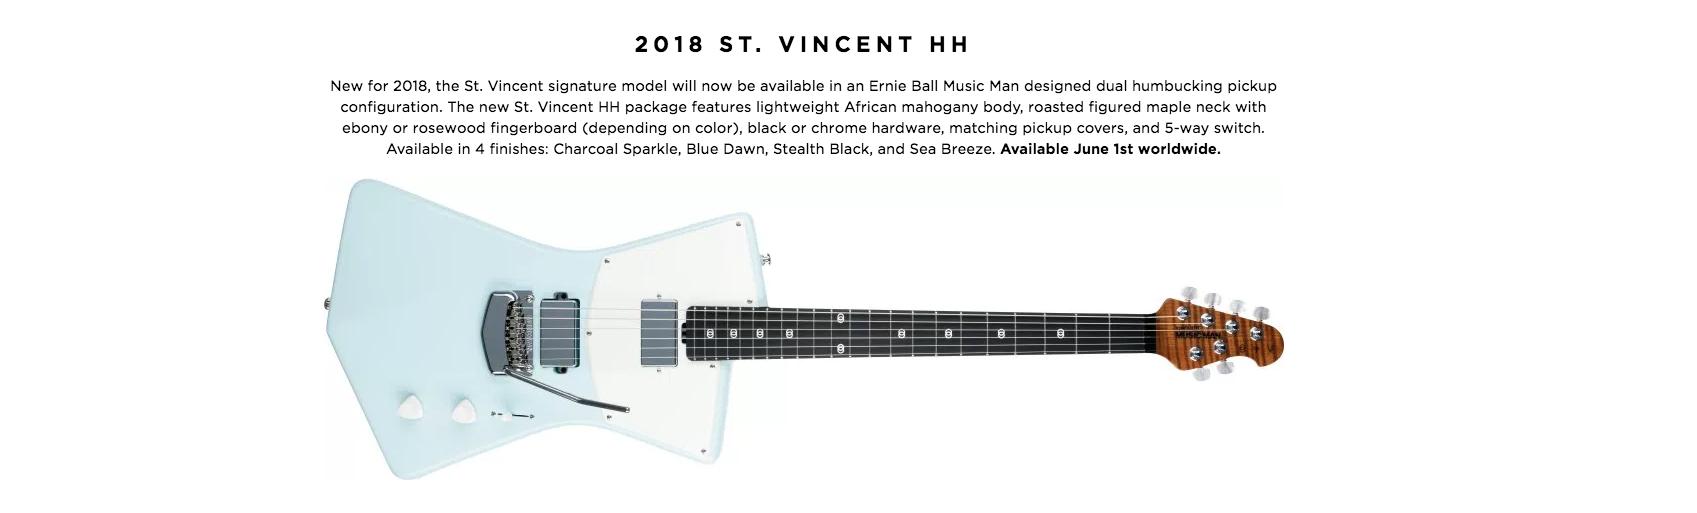 2018 ST. VINCENT HH